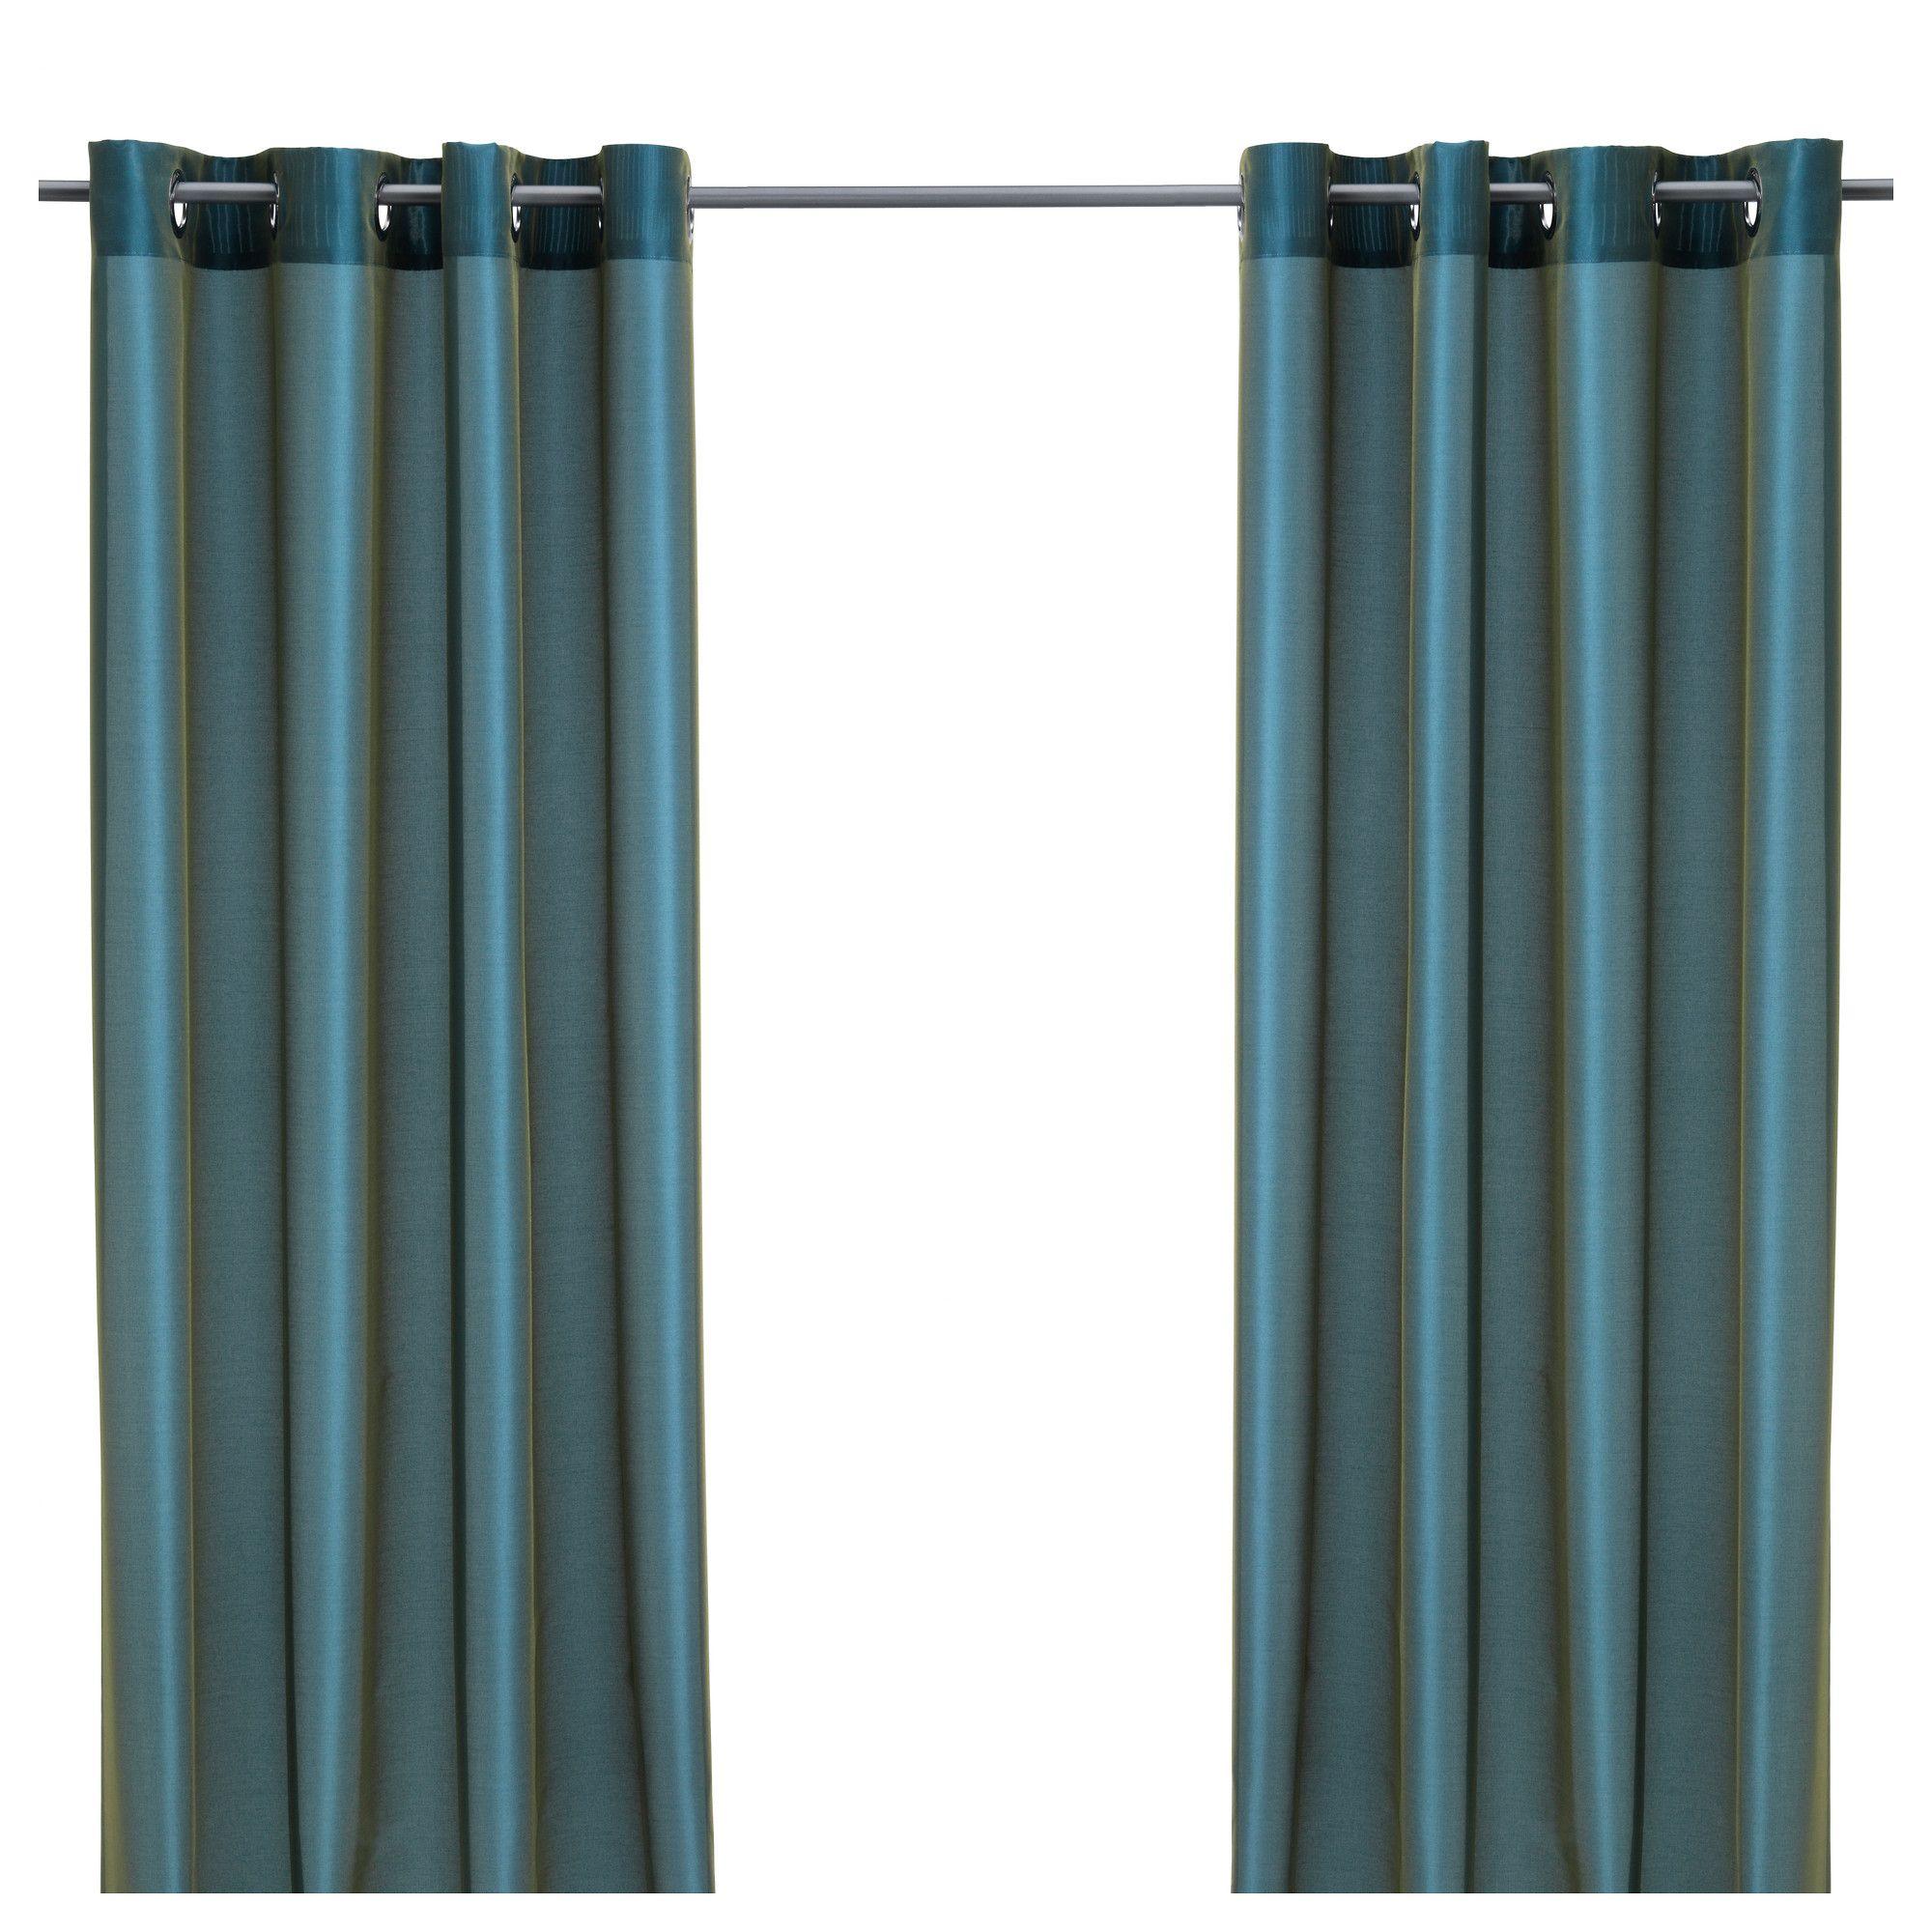 Ikea curtains blue - P Rlbuske Curtains 1 Pair Ikea